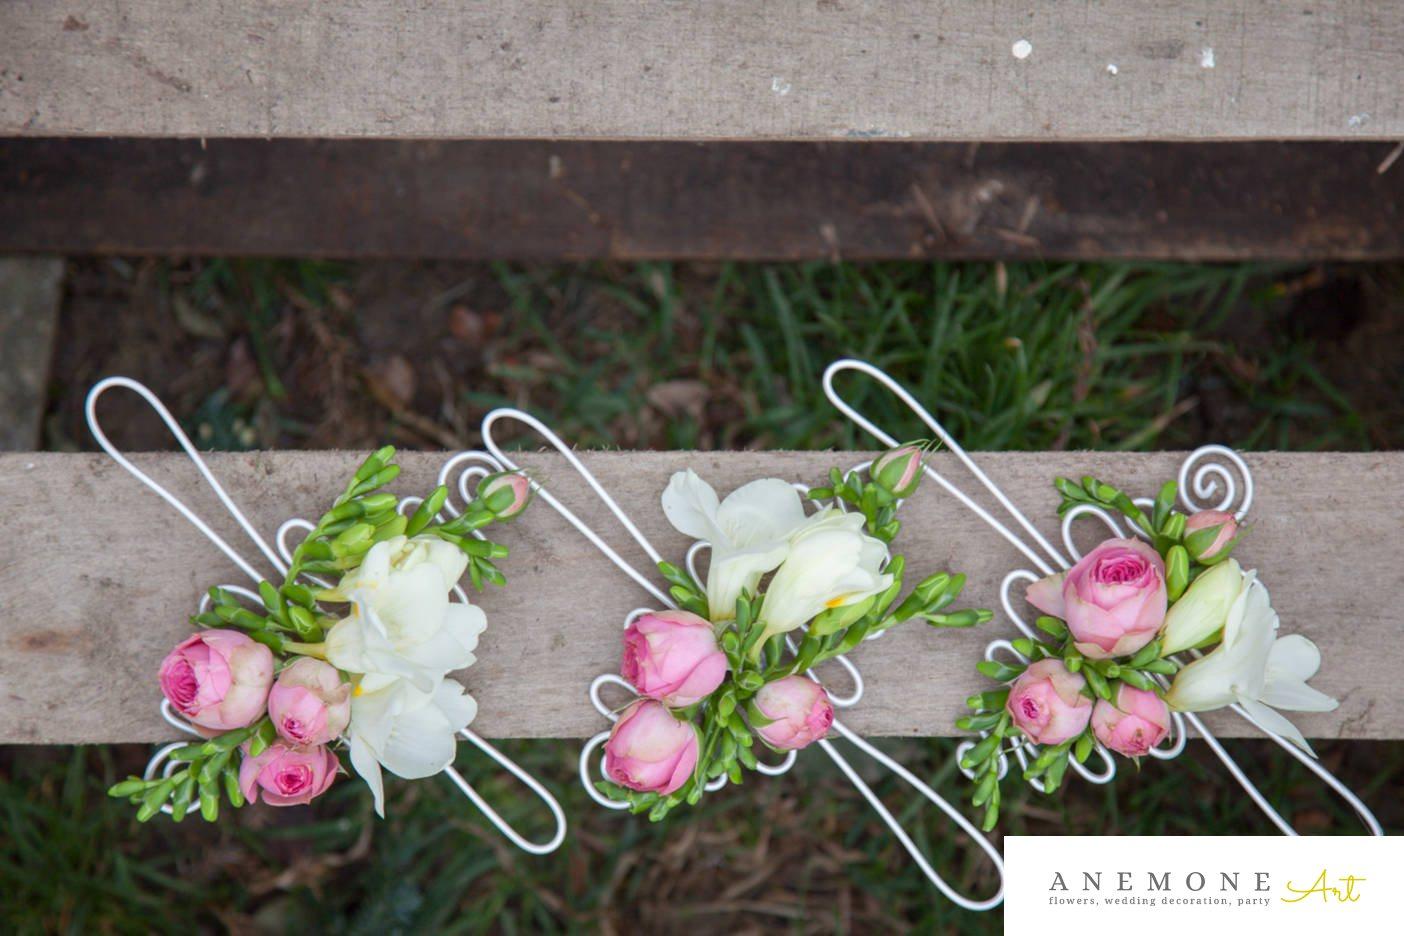 Poza, foto cu Flori de nunta alb, bratara, frezii, roz, trandafiri englezesti in Arad, Timisoara, Oradea (wedding flowers, bouquets) nunta Arad, Timisoara, Oradea